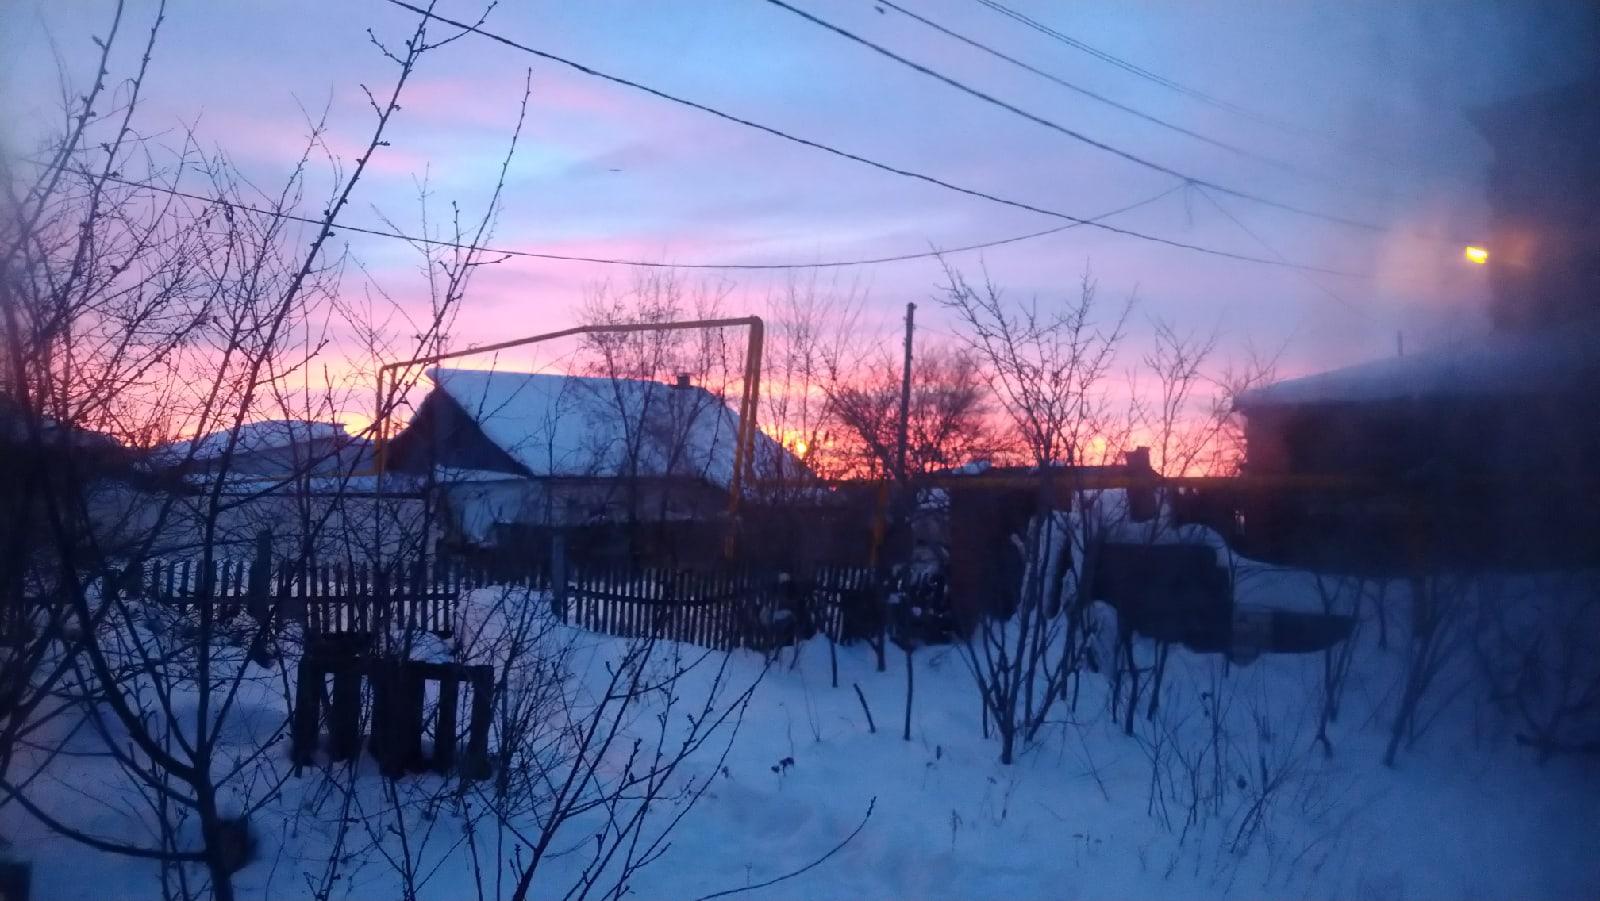 Жители Самарской области поделились кадрами розово-сиреневого рассвета